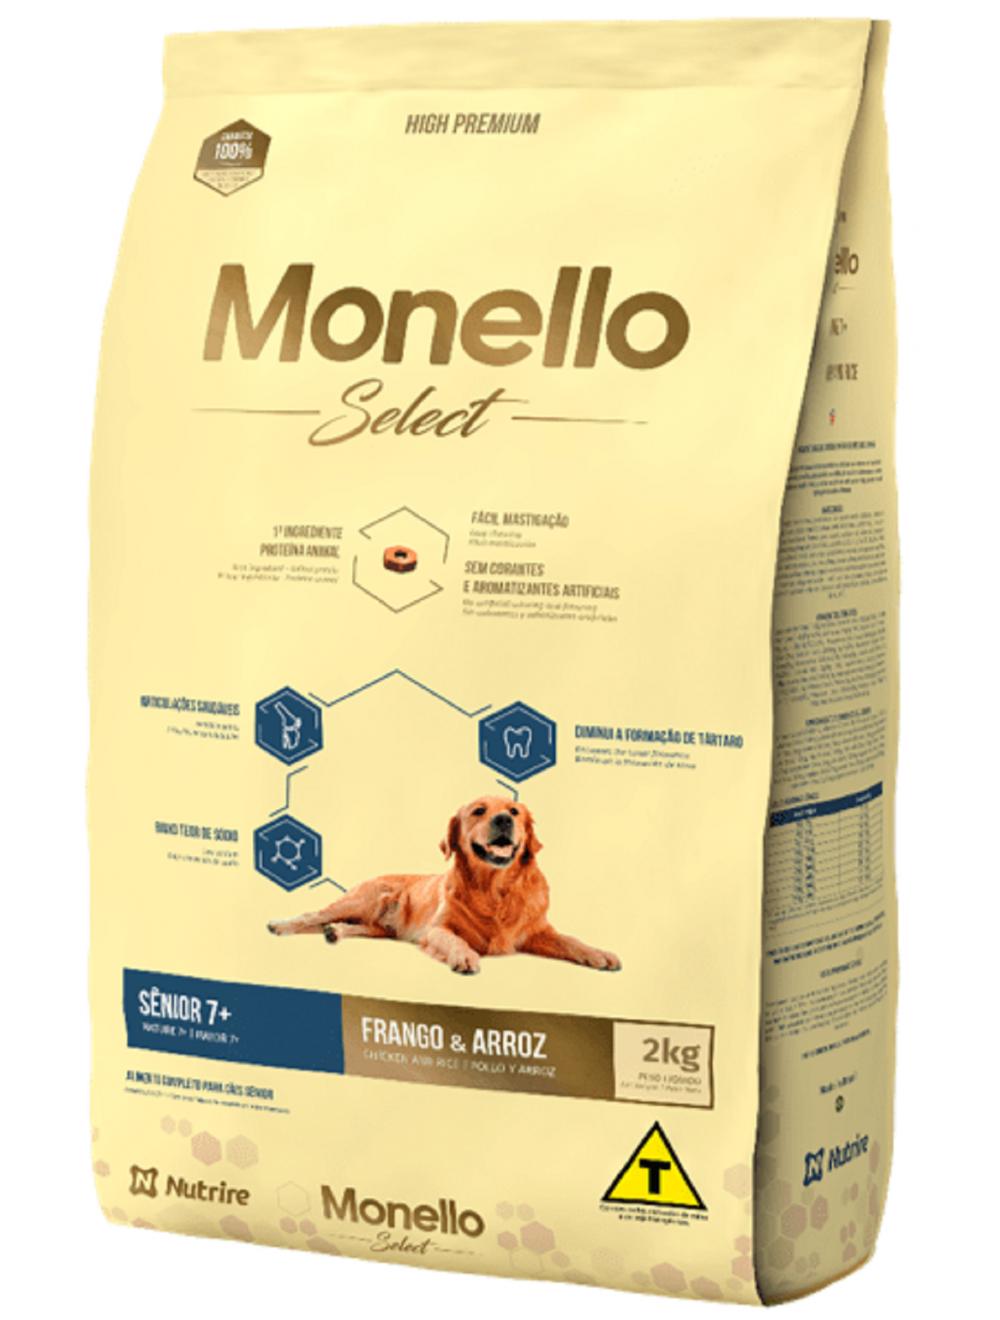 Comida Monello Select Dog Senior 7+ - Ciudaddemascotas.com